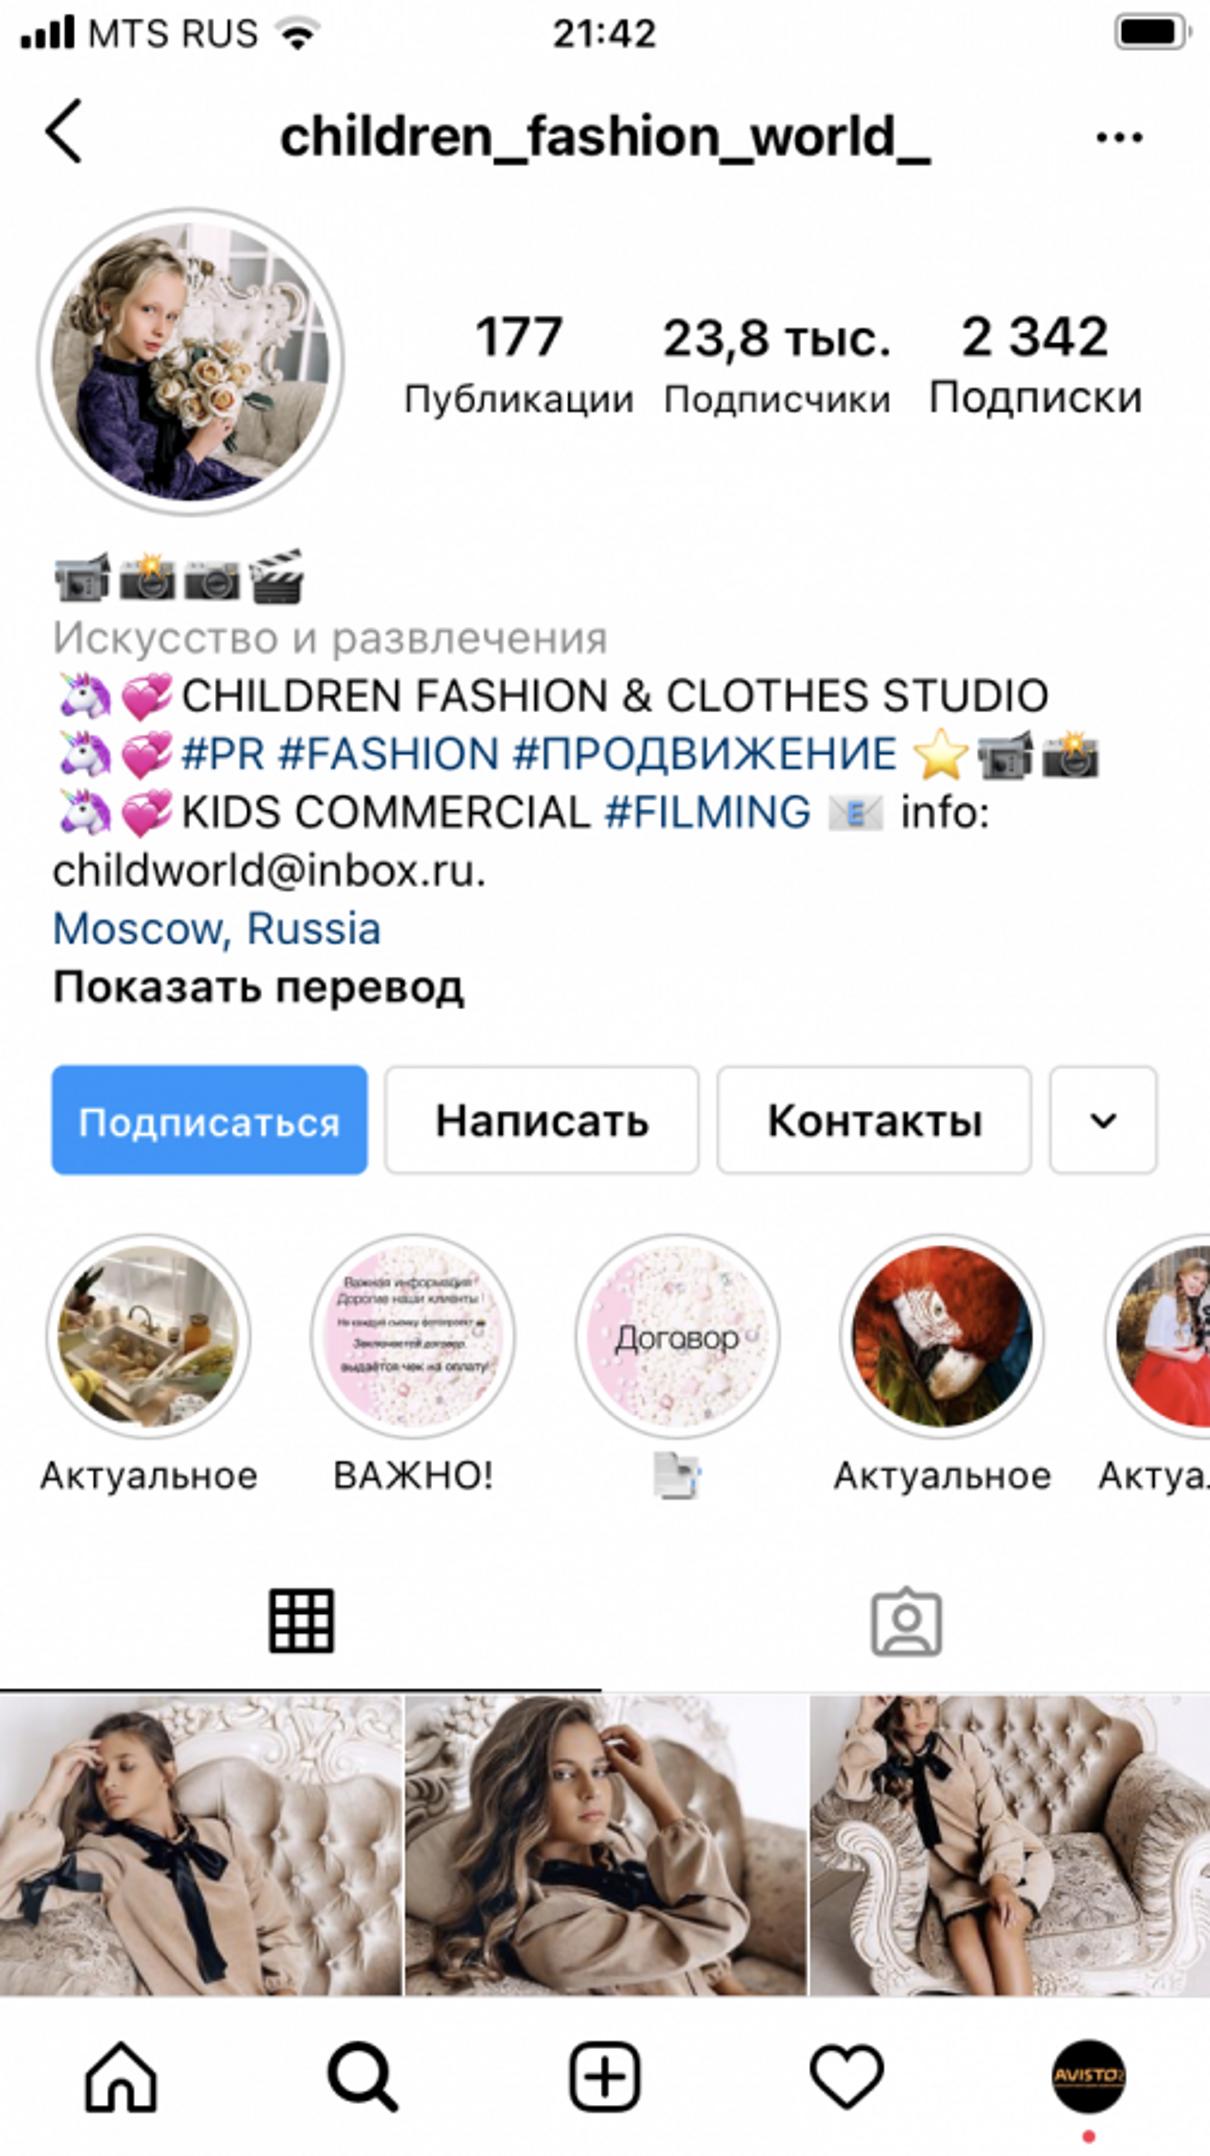 Жалоба-отзыв: Children_fashion_world_ - Осторожно мошенники.  Фото №1